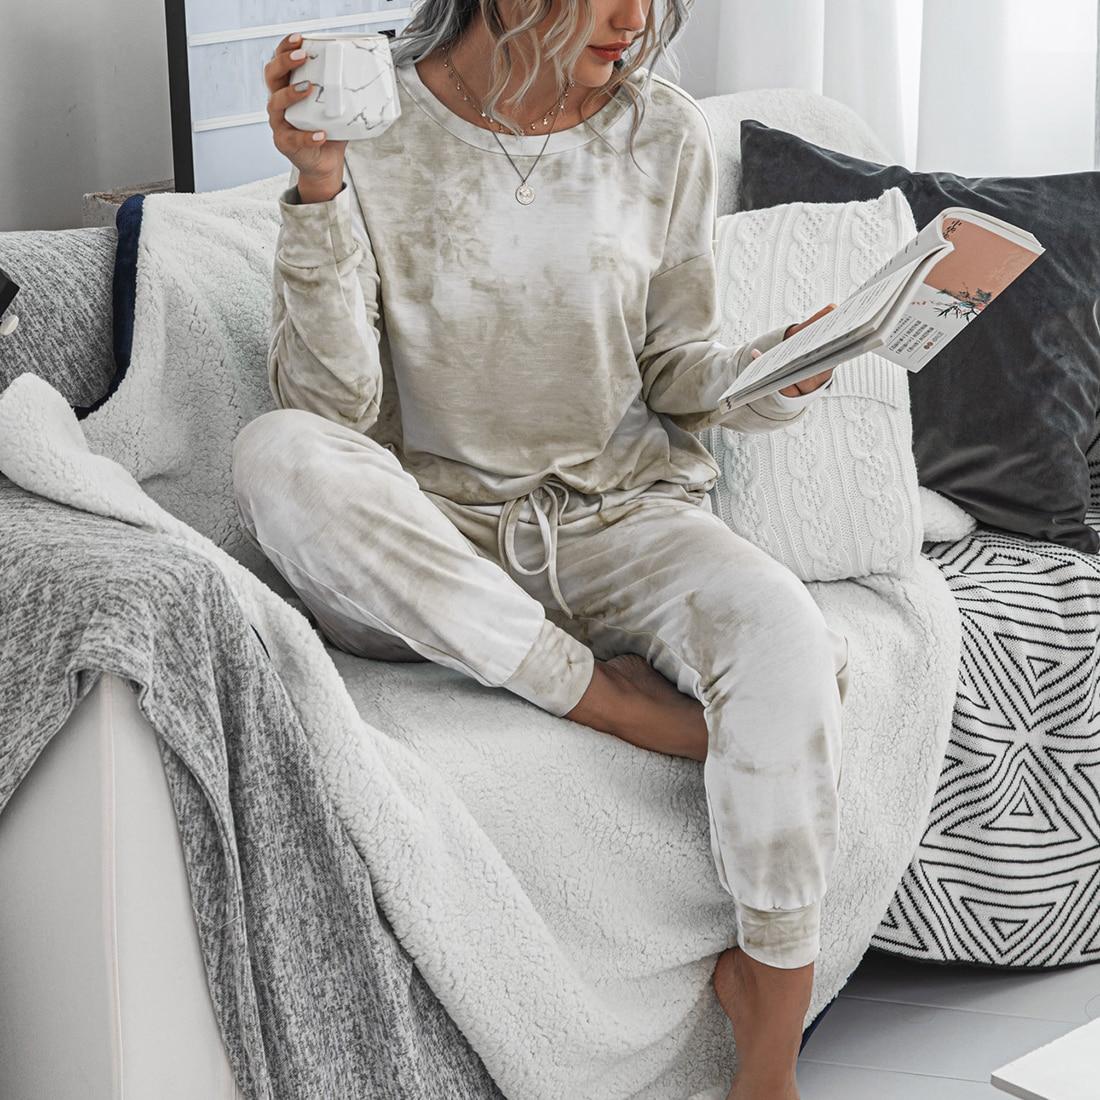 Женский пижамный комплект, Новая повседневная домашняя одежда с леопардовым принтом, женские пижамы, длинные штаны, одежда для сна, домашни...